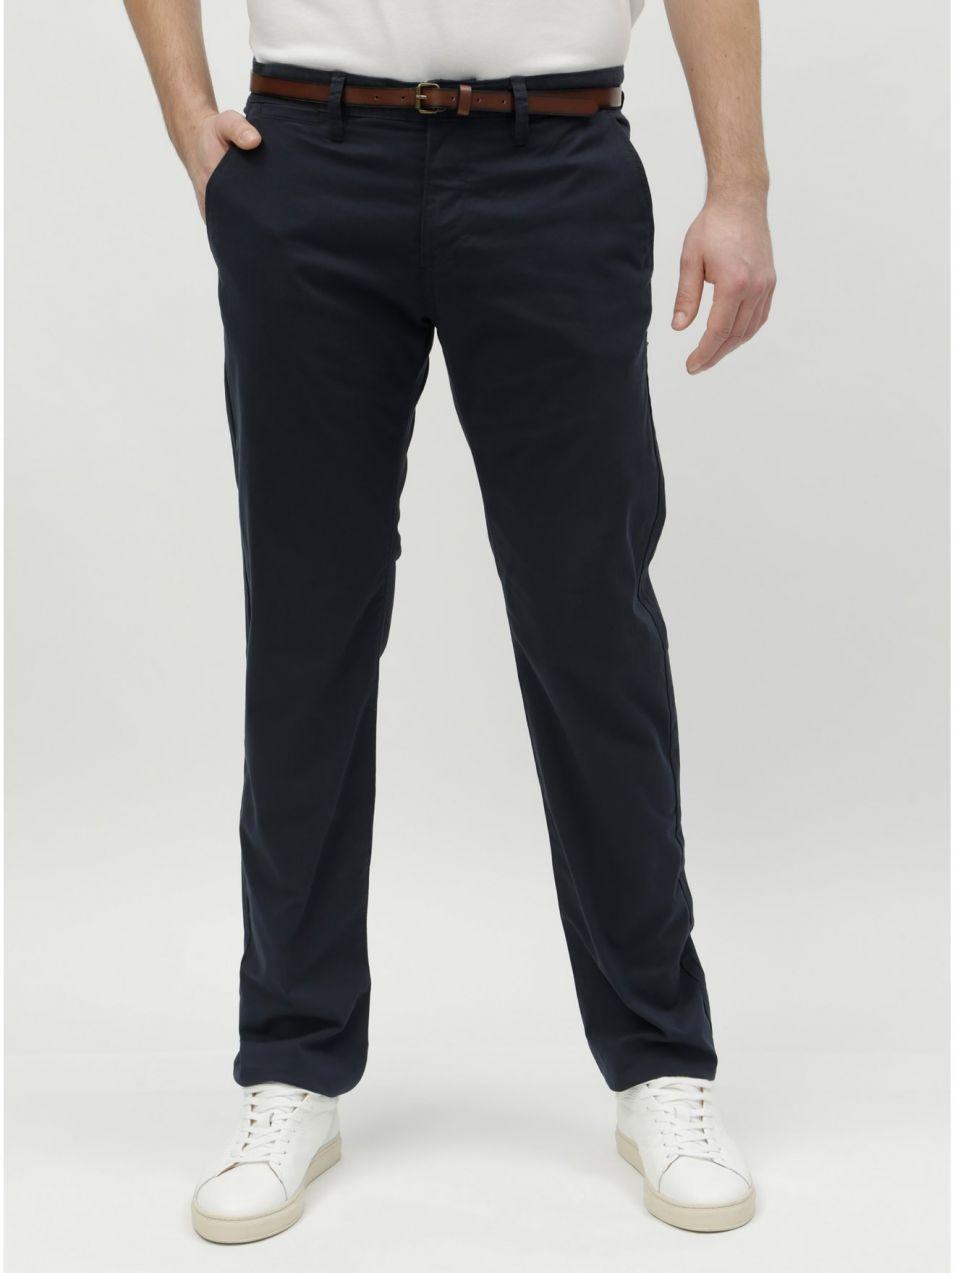 70f6b54a393e Tmavomodré pánske chino nohavice s opaskom Tom Tailor značky Tom ...